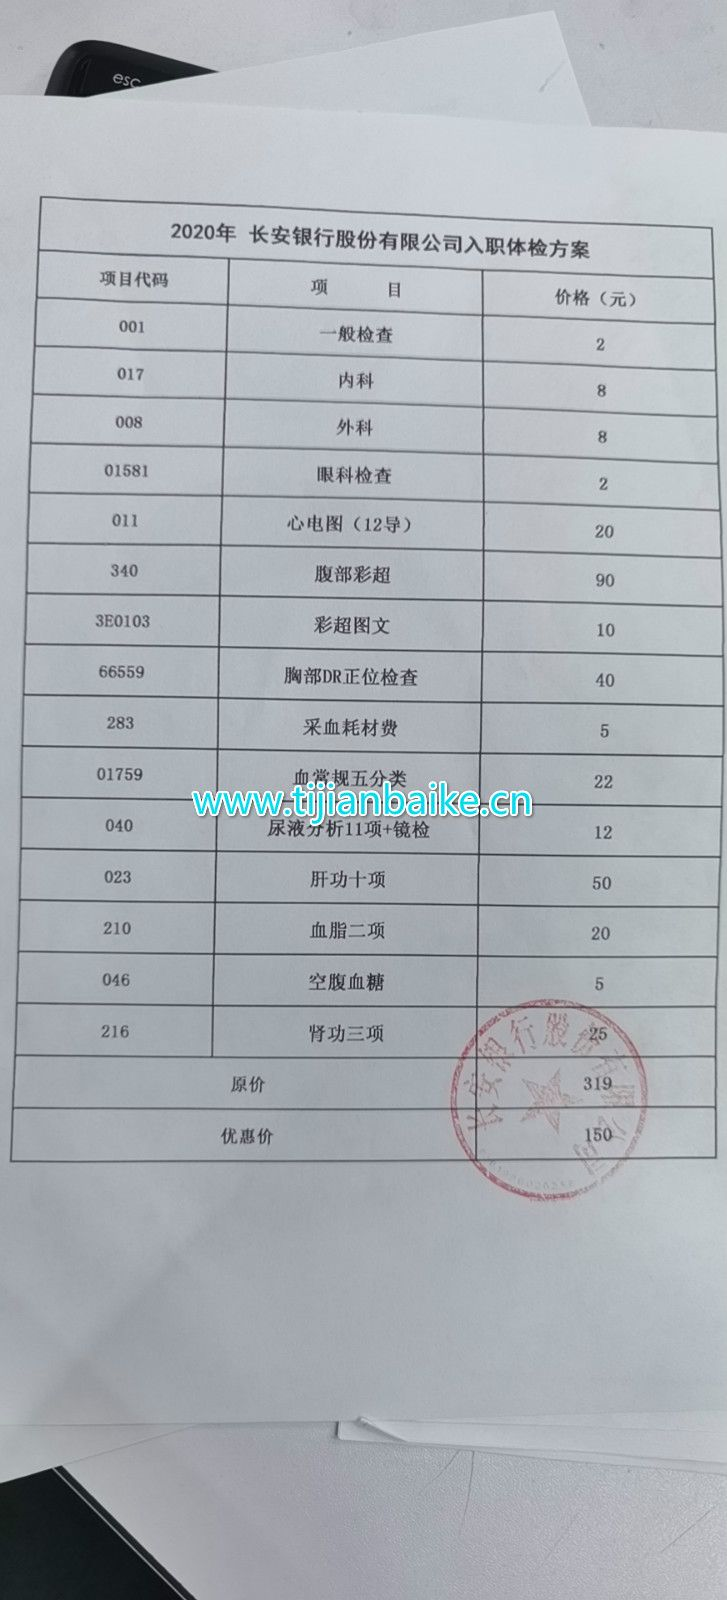 长安银行股份有限公司入职体检项目(图1)